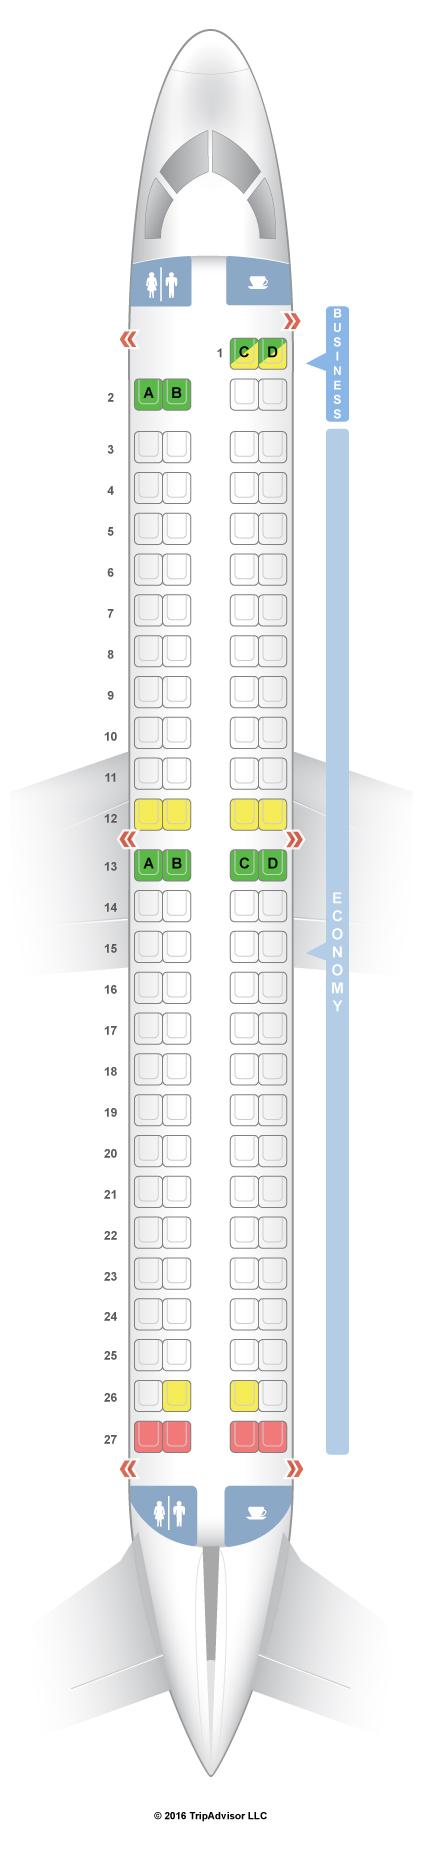 SeatGuru    Seat       Map    TAP Portugal Embraer E190     E90